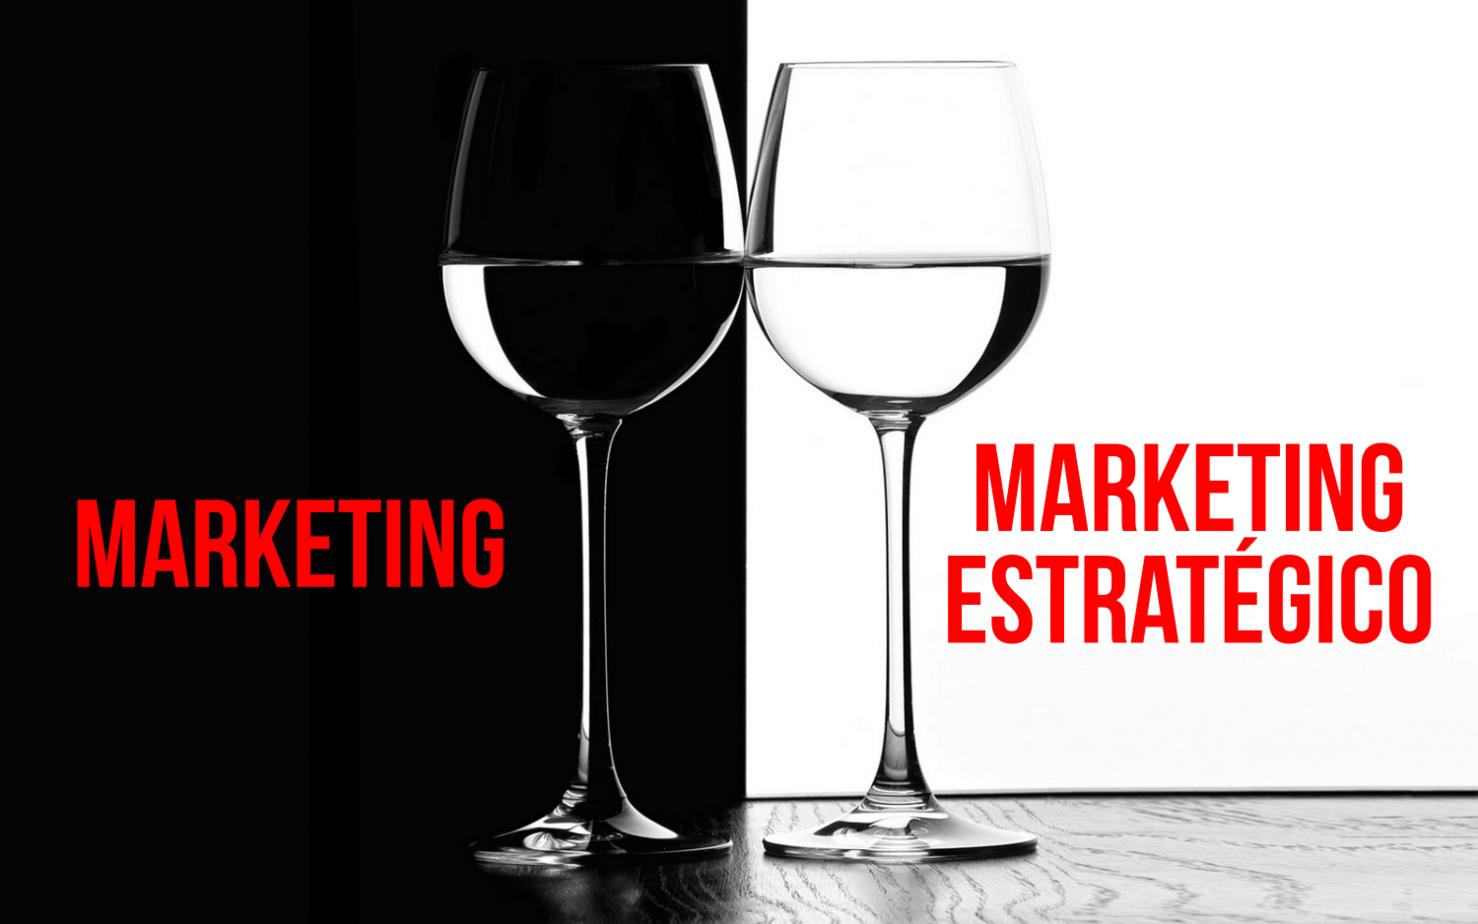 Diferencia entre marketing y marketing estratégico